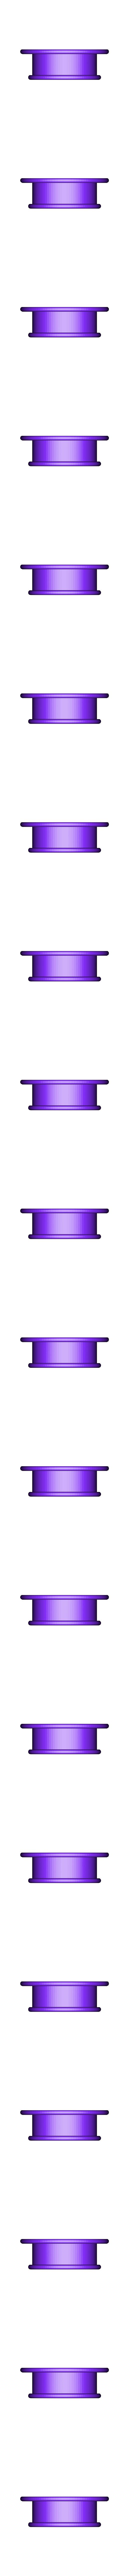 Top_3_silver.stl Télécharger fichier STL gratuit Lampe au kérosène version Halloween • Modèle à imprimer en 3D, poblocki1982